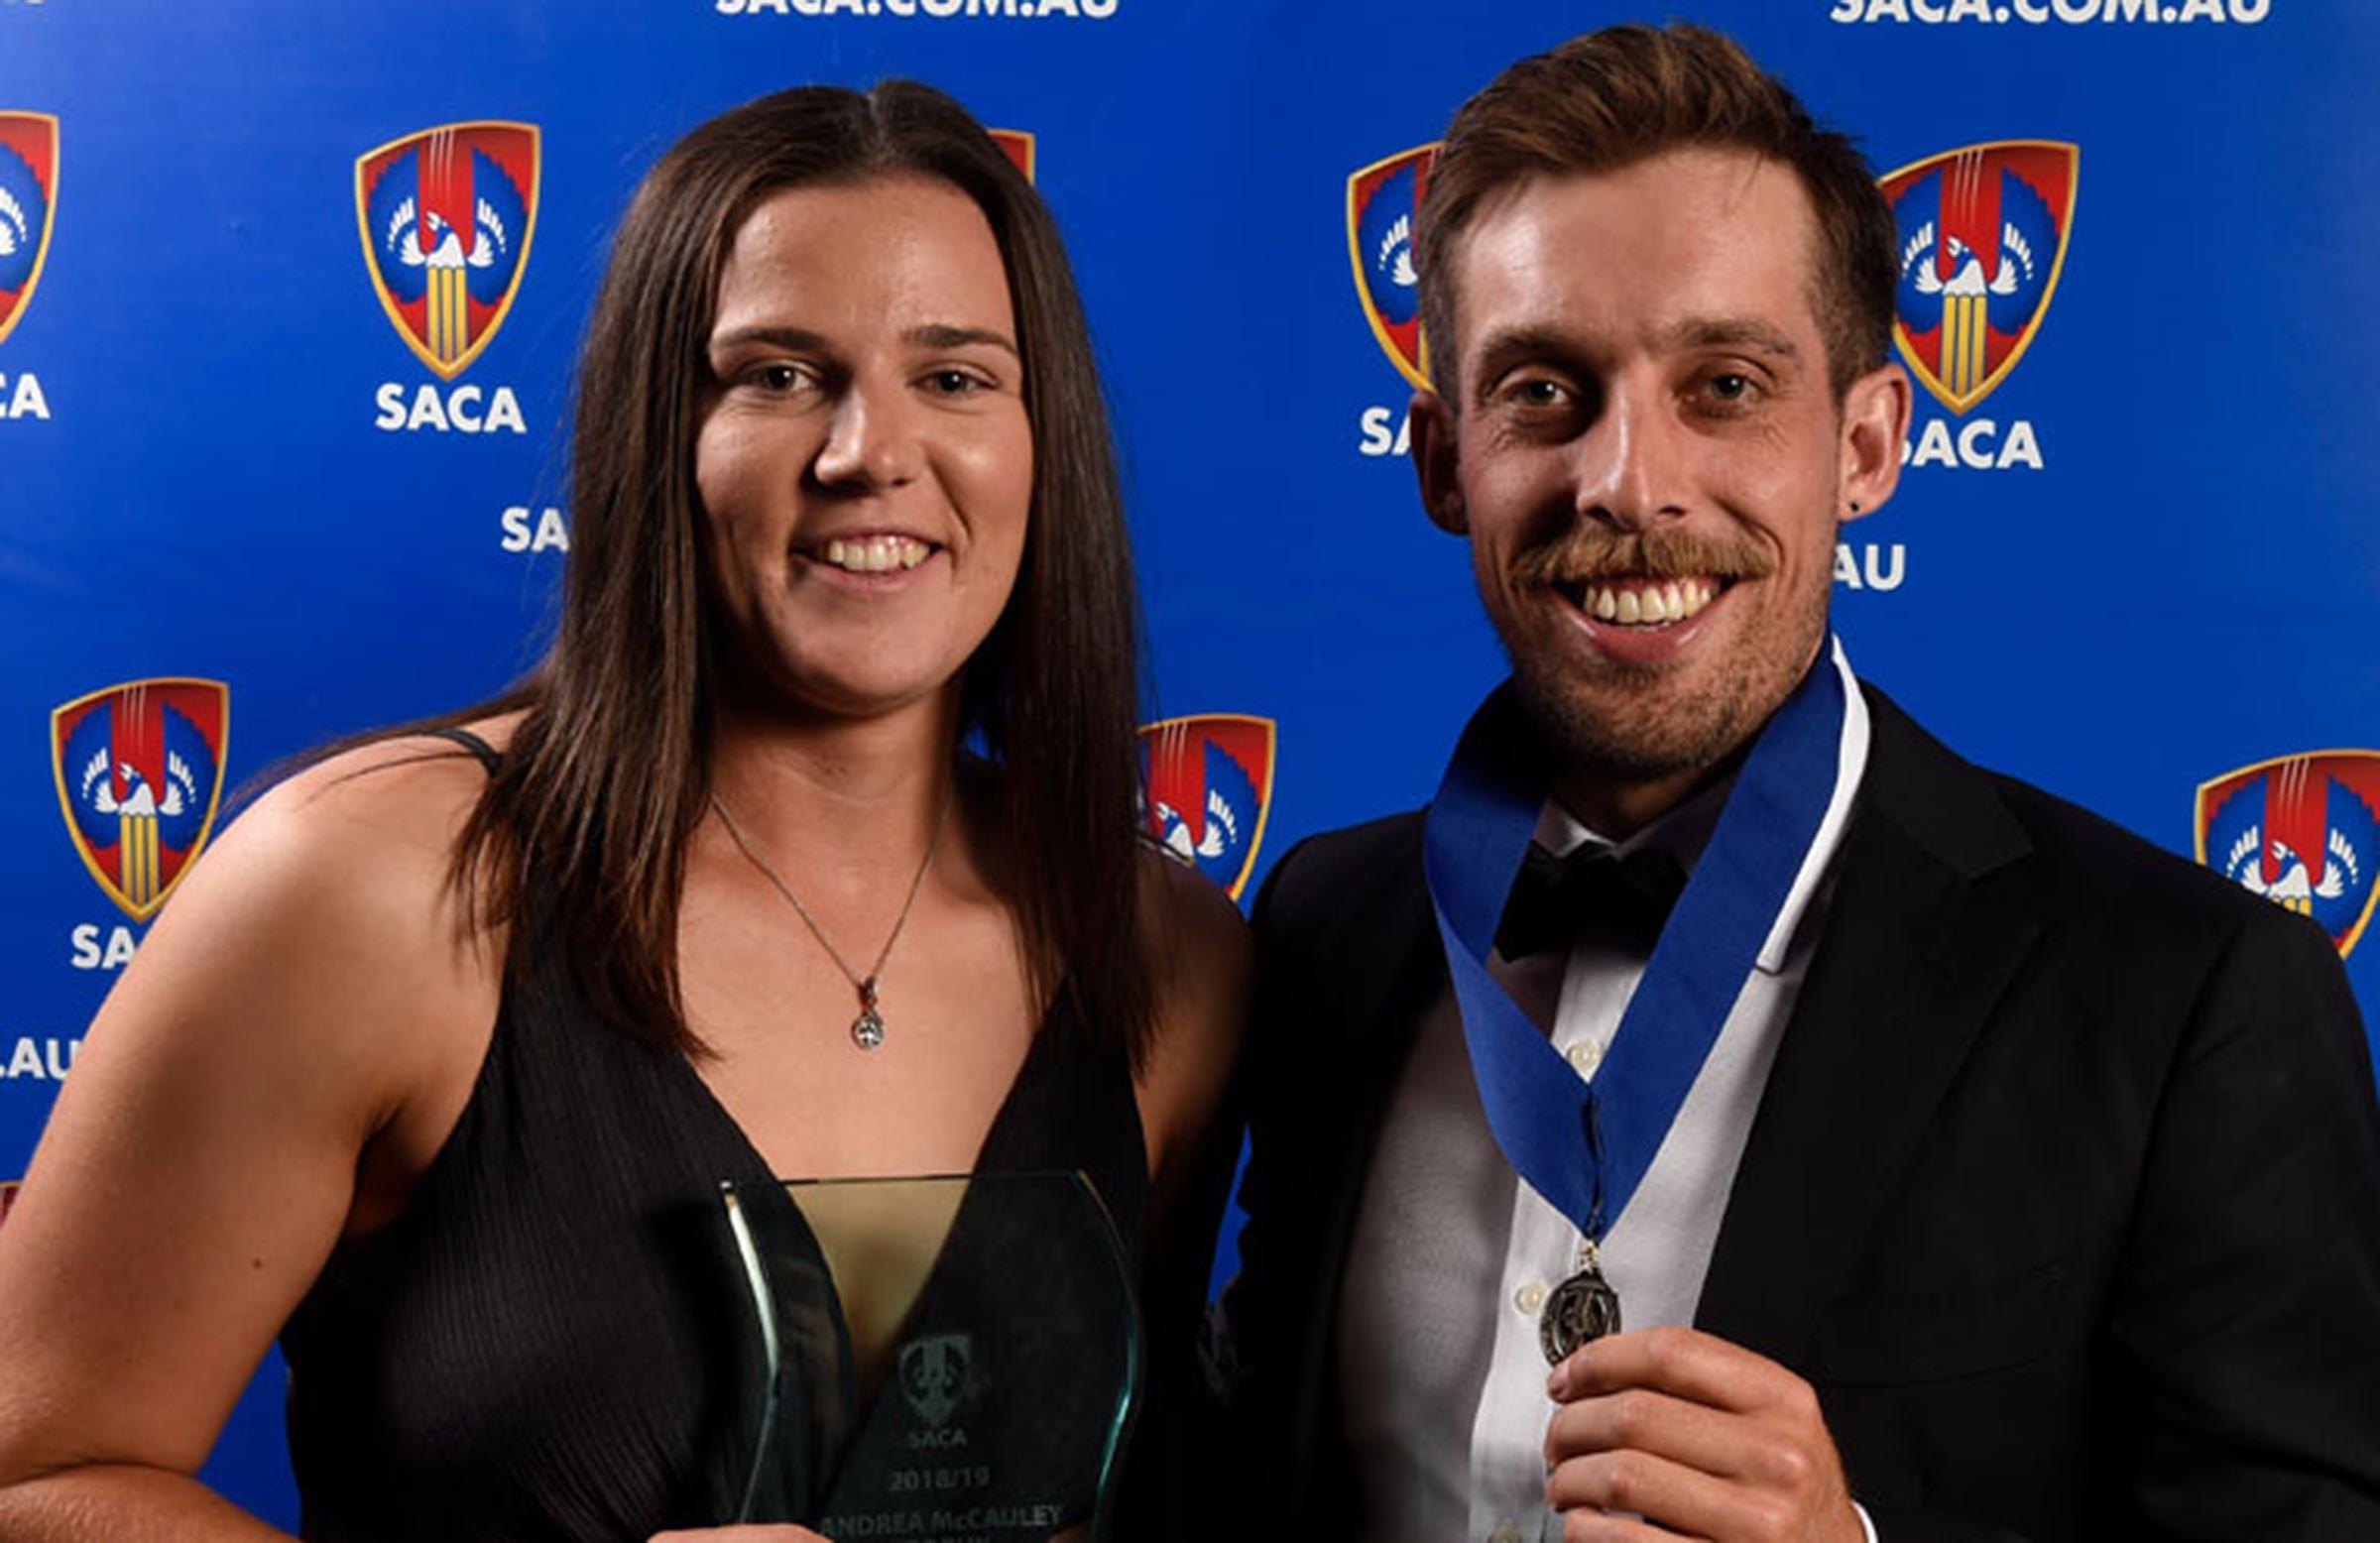 Jake Lehmann and Tahlia McGrath